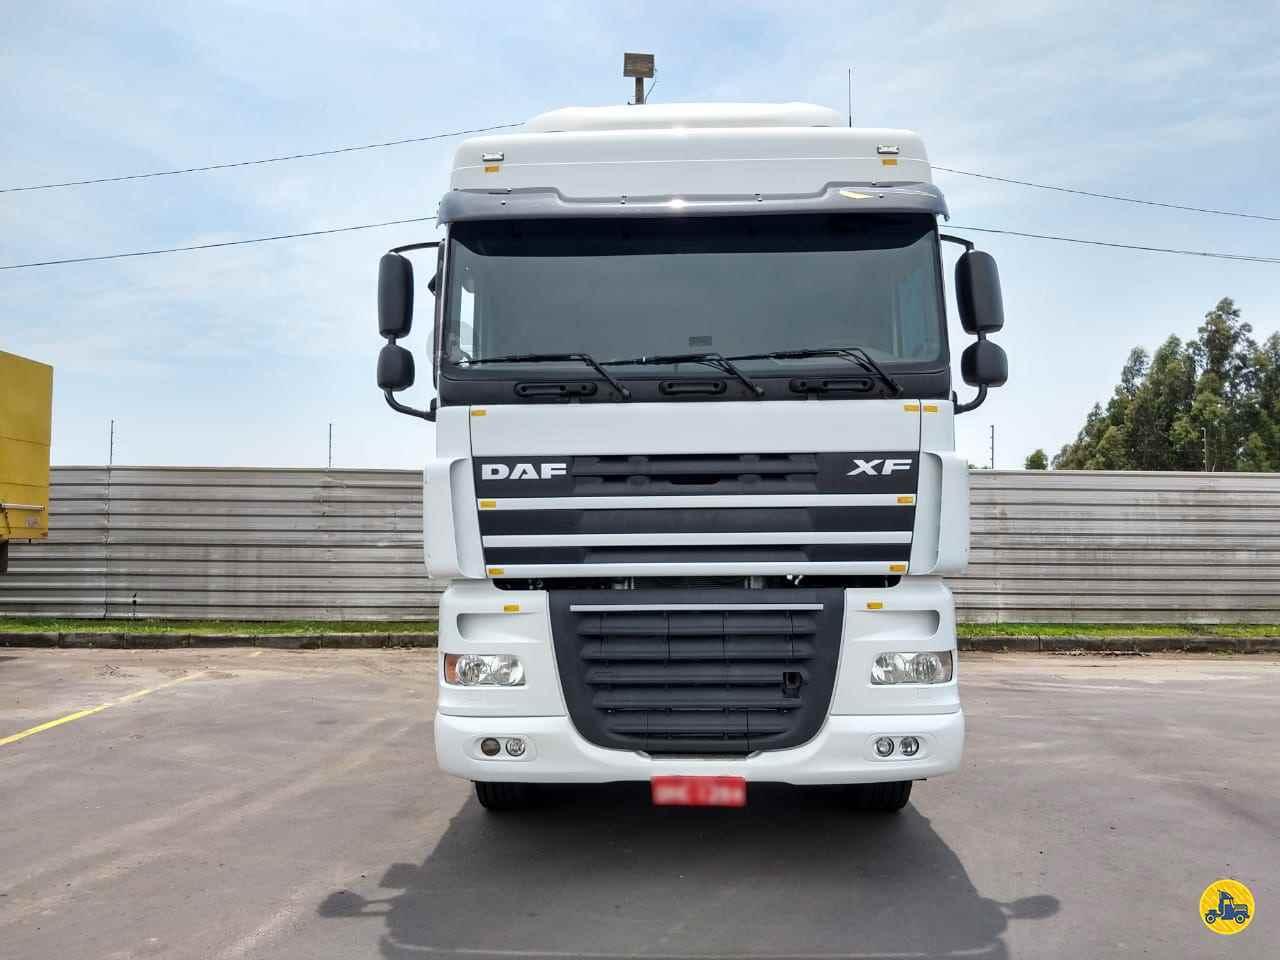 DAF DAF XF105 460 500000km 2014/2014 Transpower Transporte Rodoviário